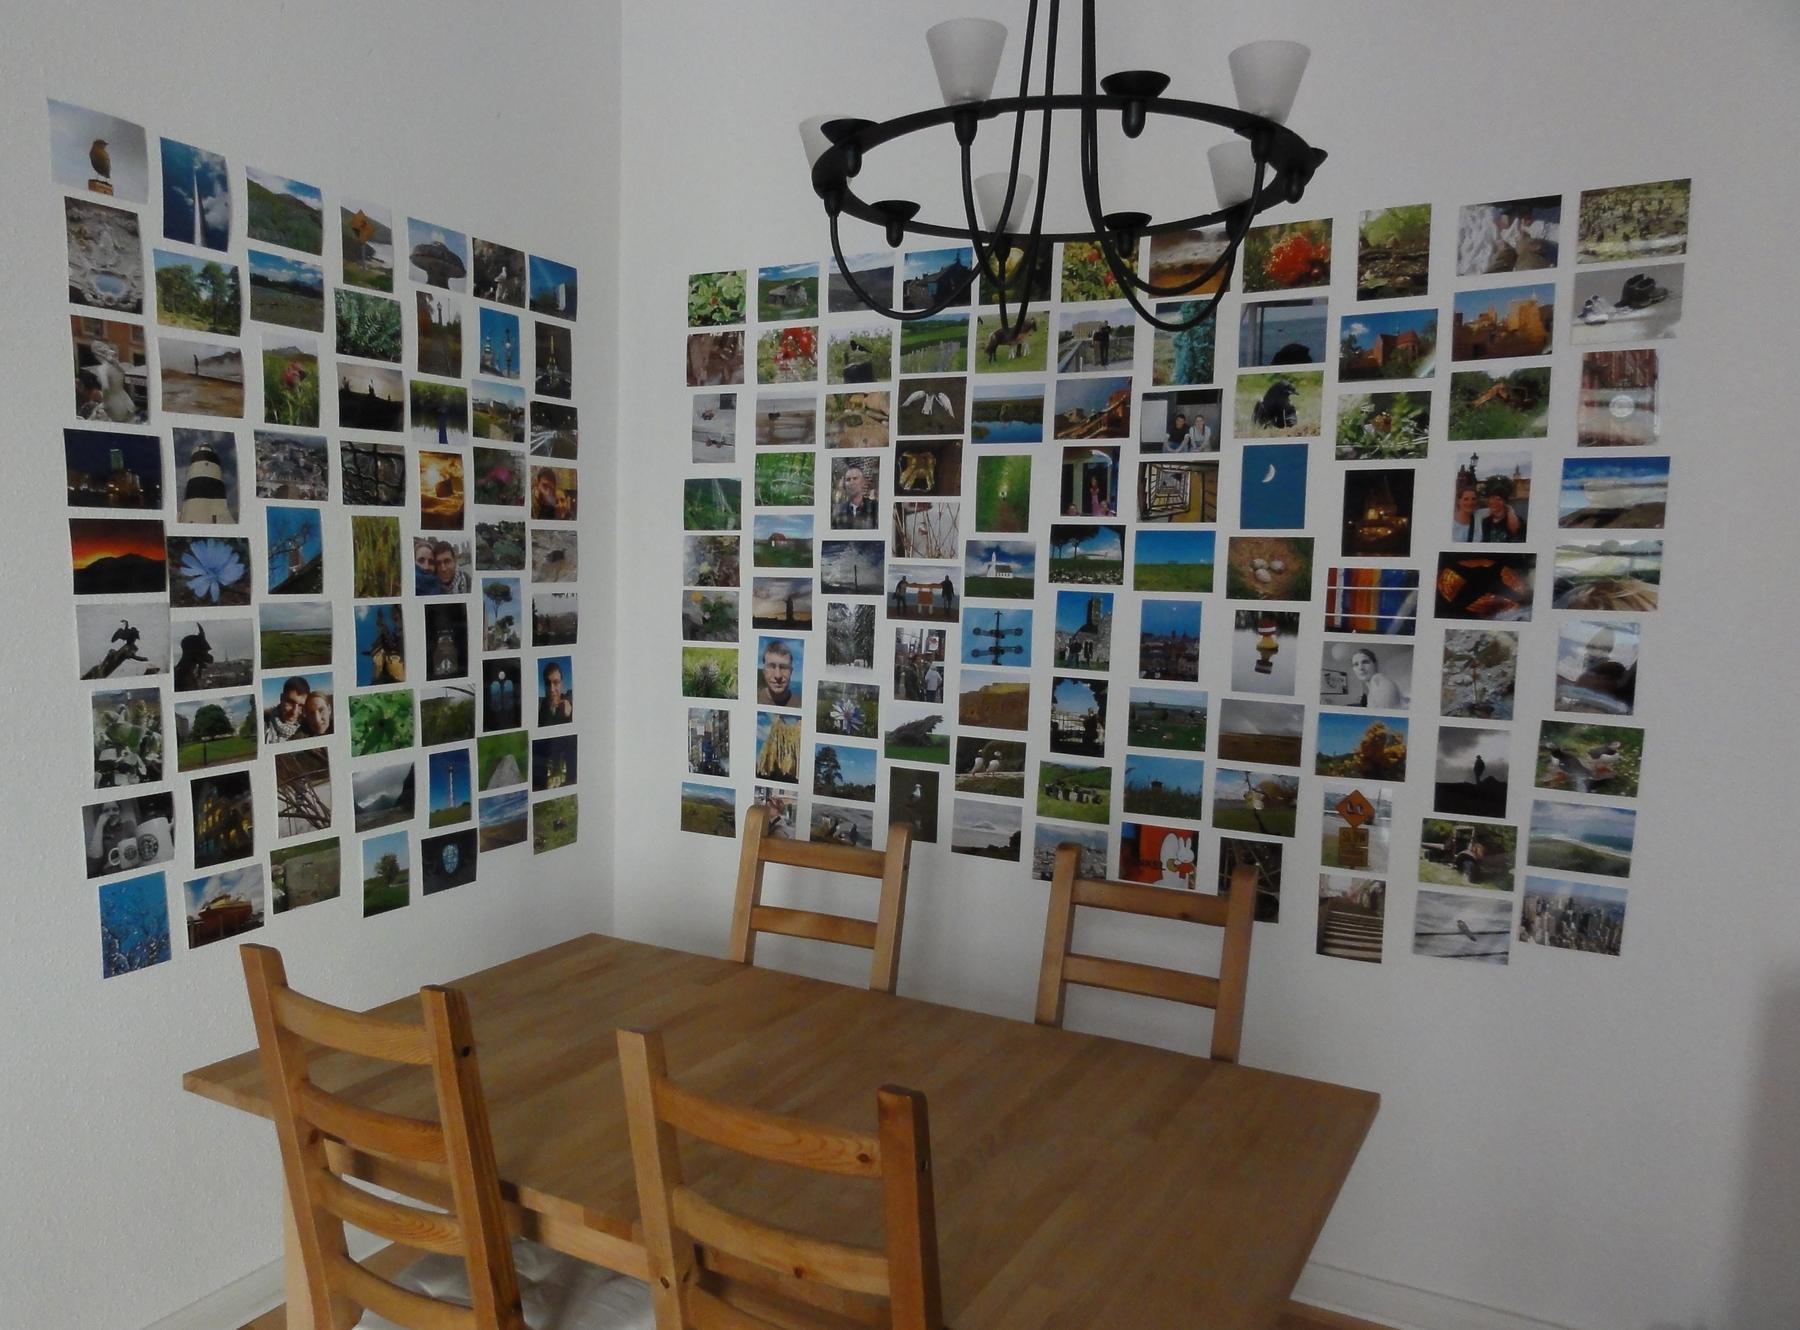 kaddi und das leben in der draussenwelt bilderwand. Black Bedroom Furniture Sets. Home Design Ideas